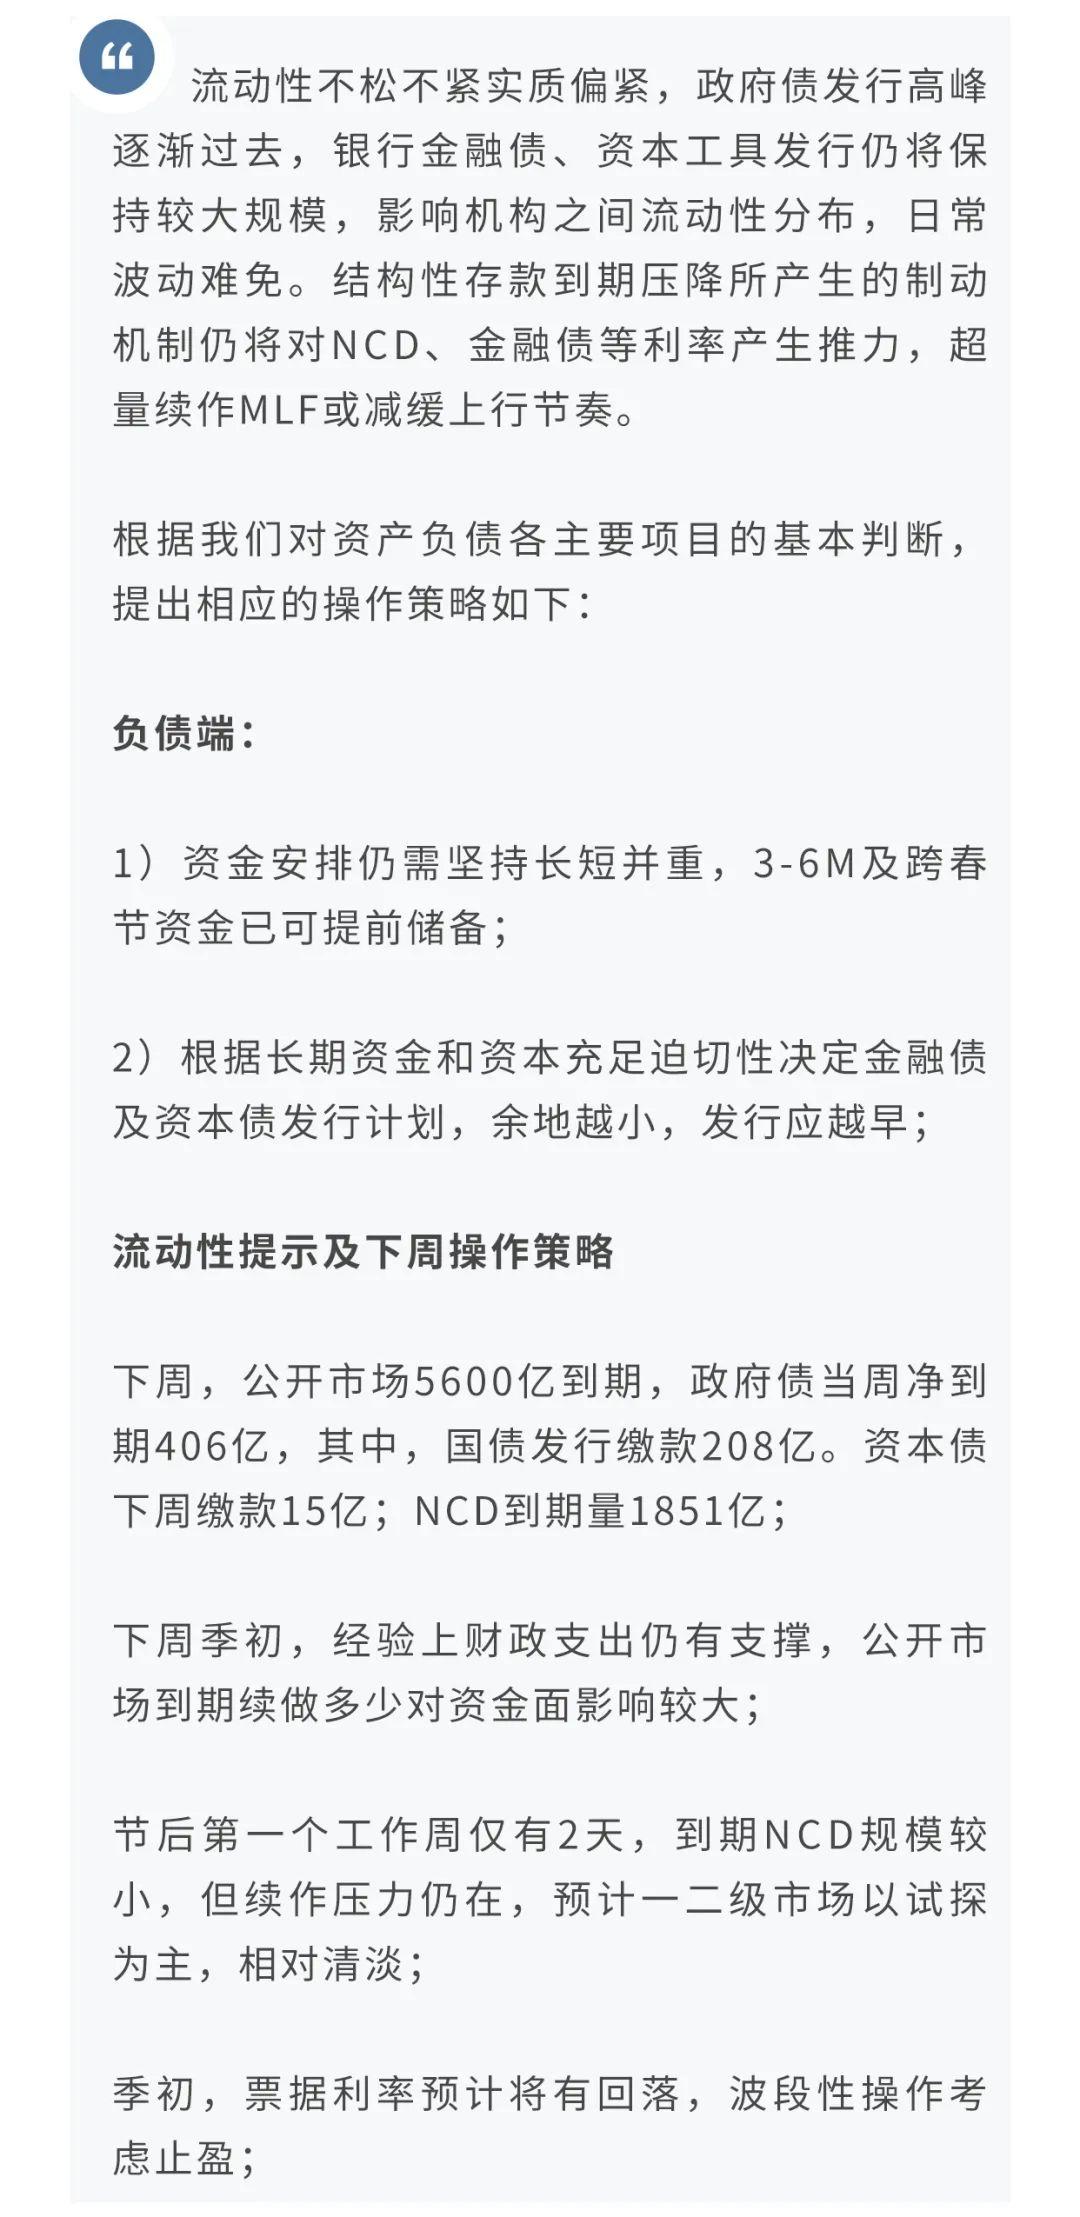 【策略】司库策略谈第168期:10月银行资产负债配置月报—负债篇